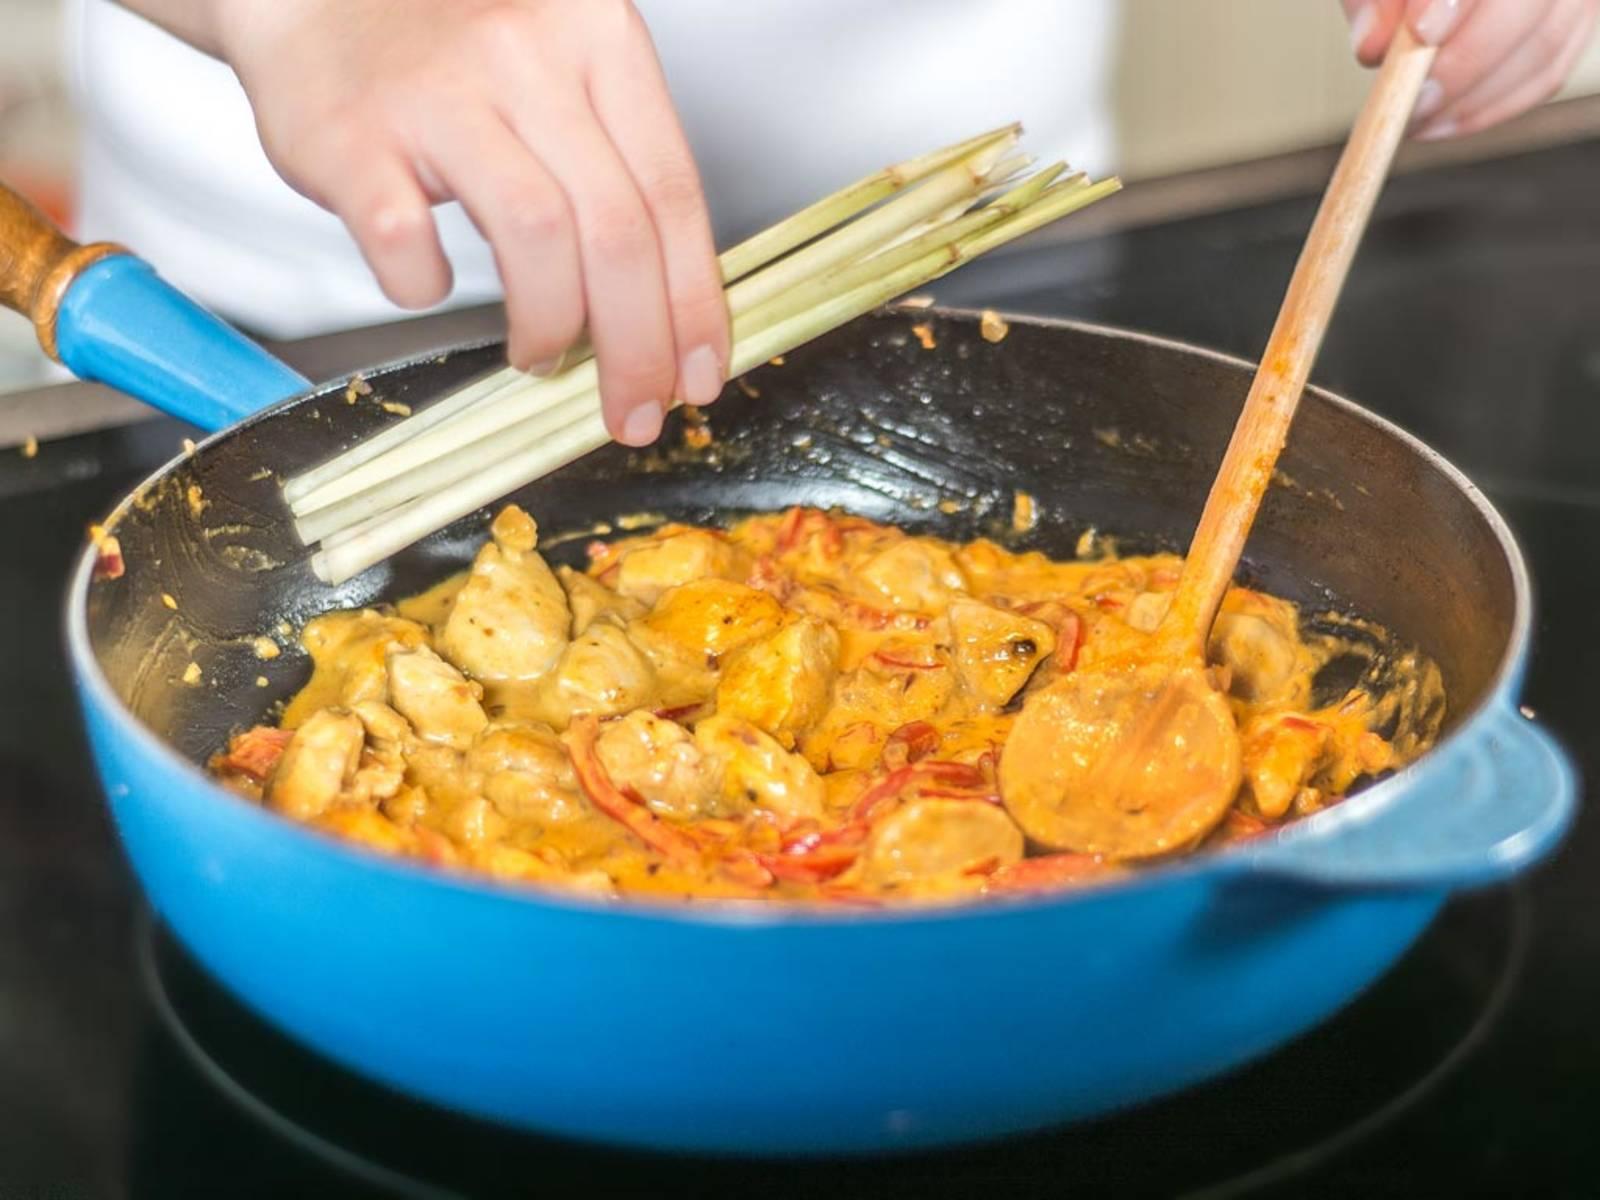 加入咖喱酱、姜黄和椰奶。鹰嘴豆滤去水分,香茅用刀背砸过后也一同加入锅中。小火慢慢煮开。